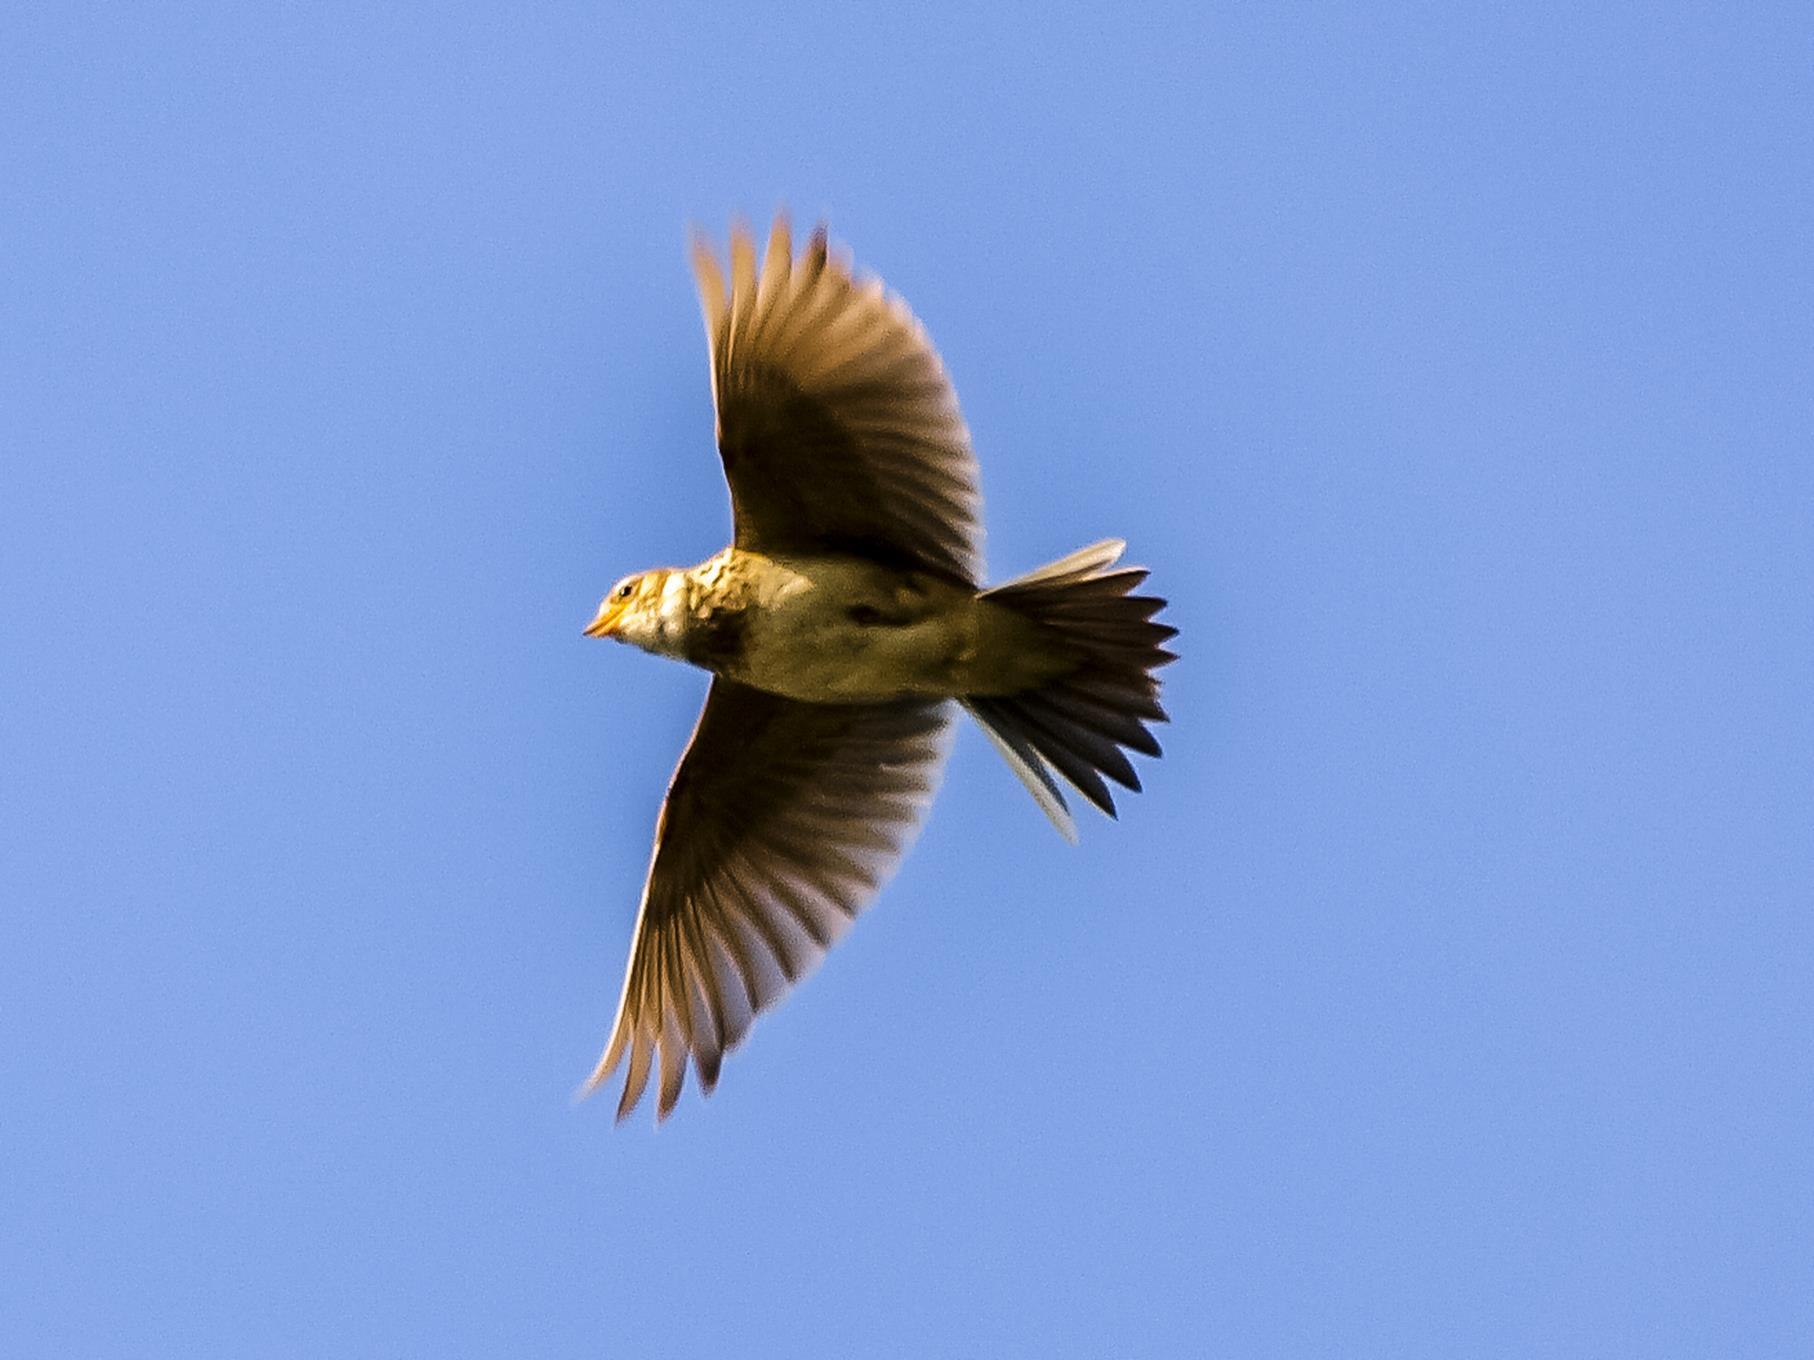 Eine Feldlerche fliegt am Himmel.